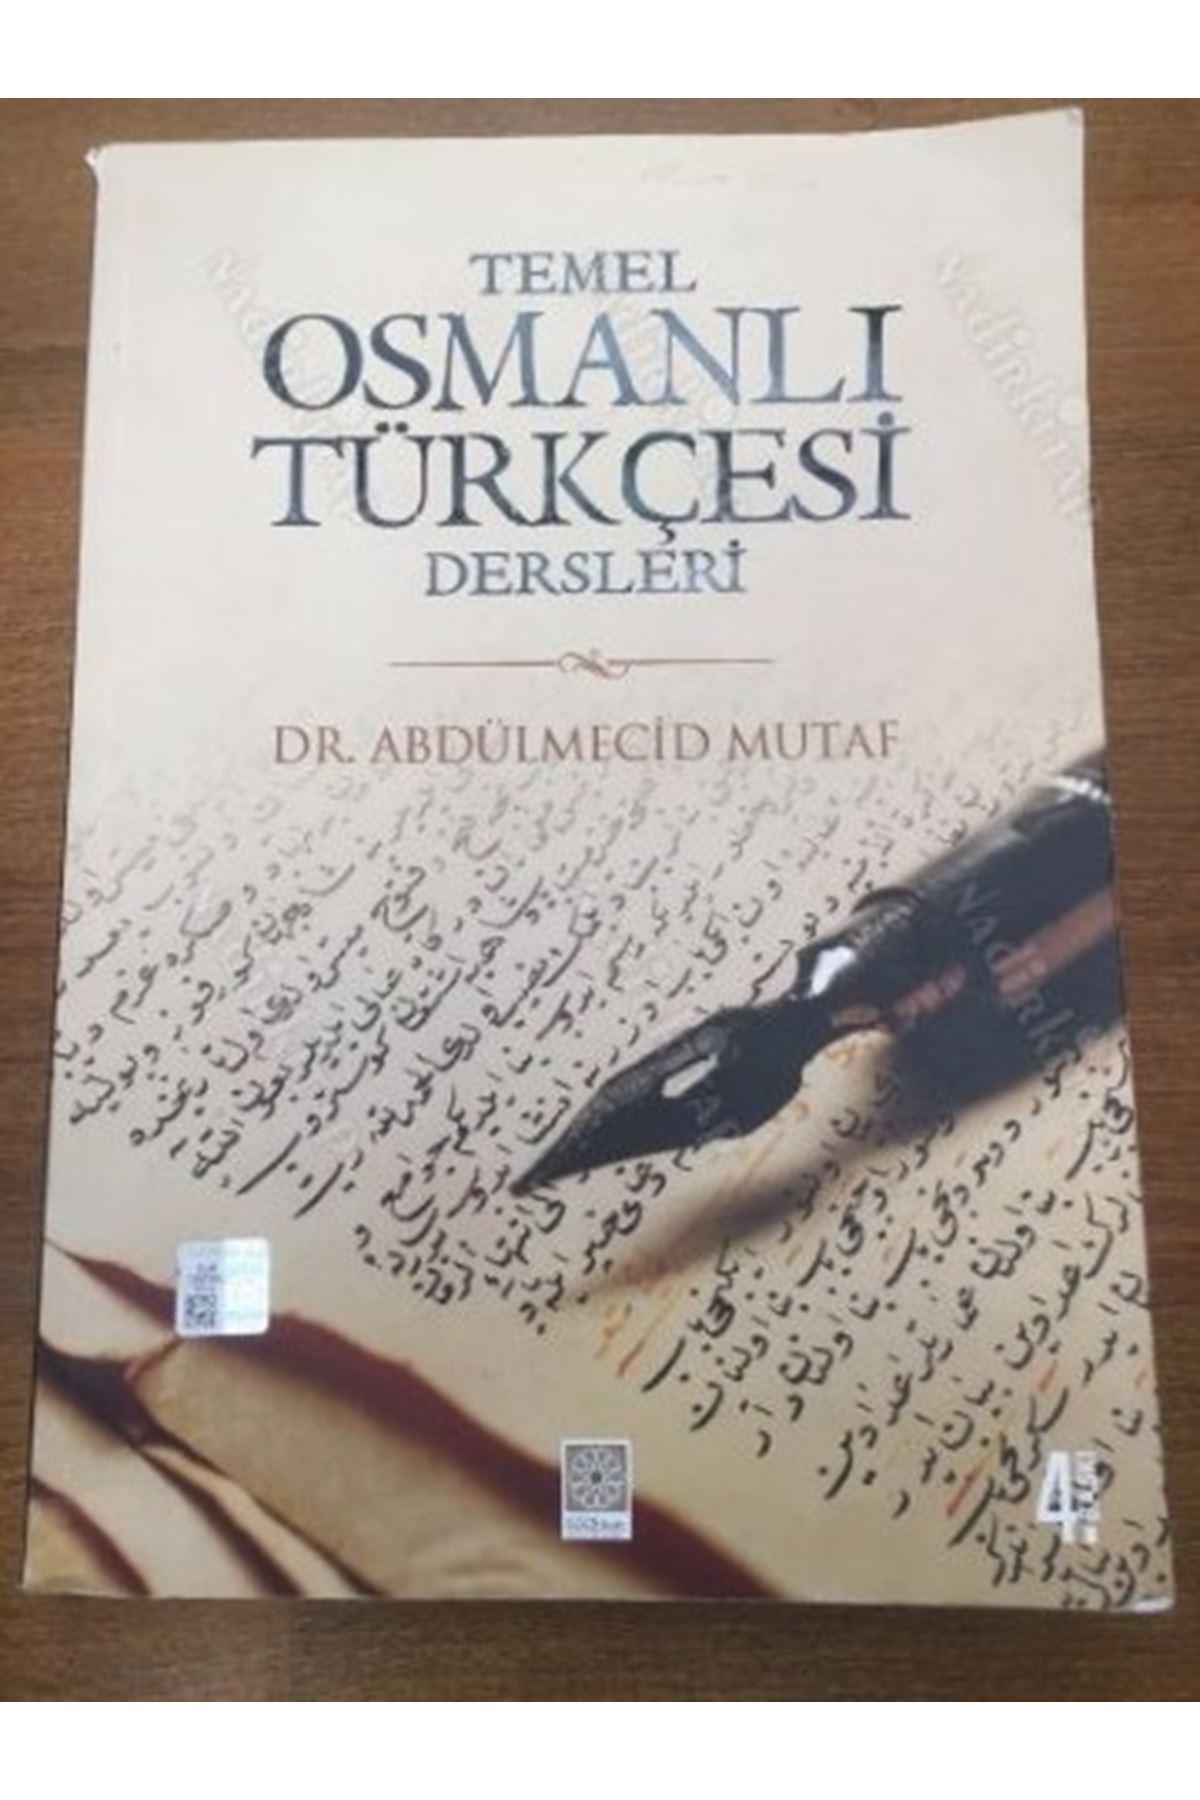 DR.ABDÜLMECİD MUTAF - TEMEL OSMANLI TÜRKÇESİ DERSLERİ